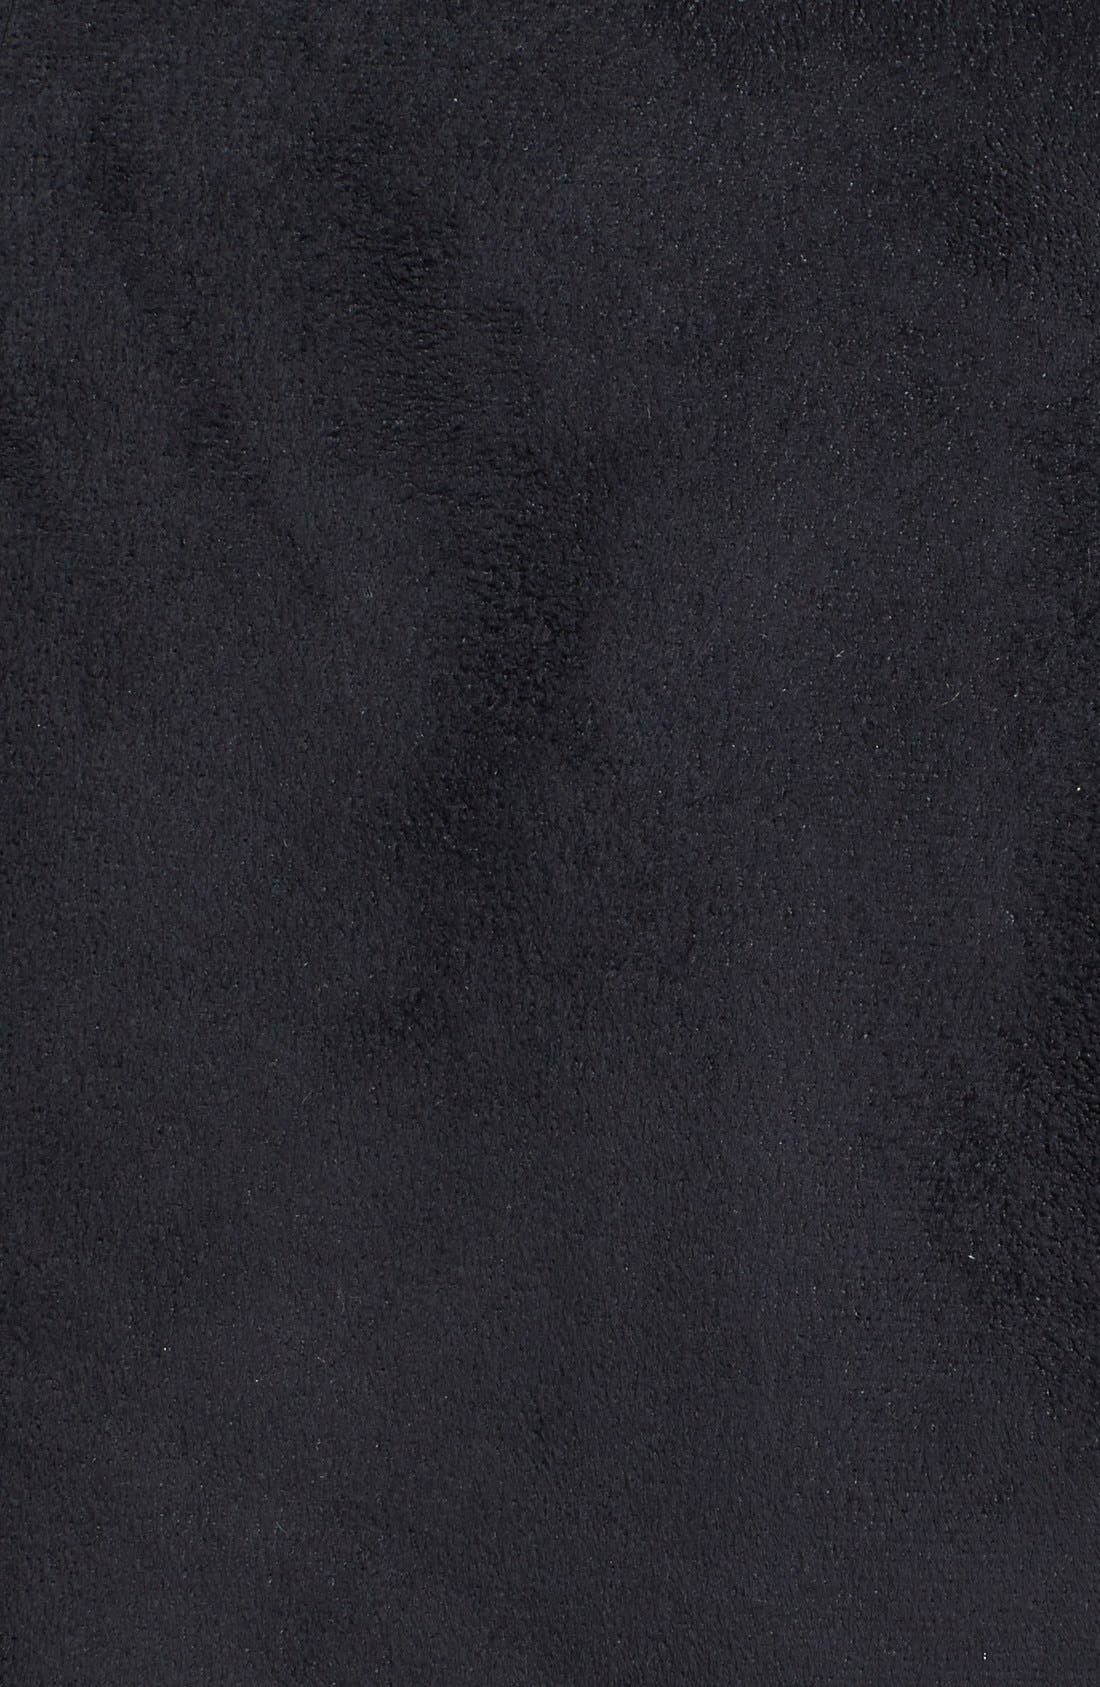 Alternate Image 3  - Romeo & Juliet Couture Faux Fur Trim Faux Suede Jacket